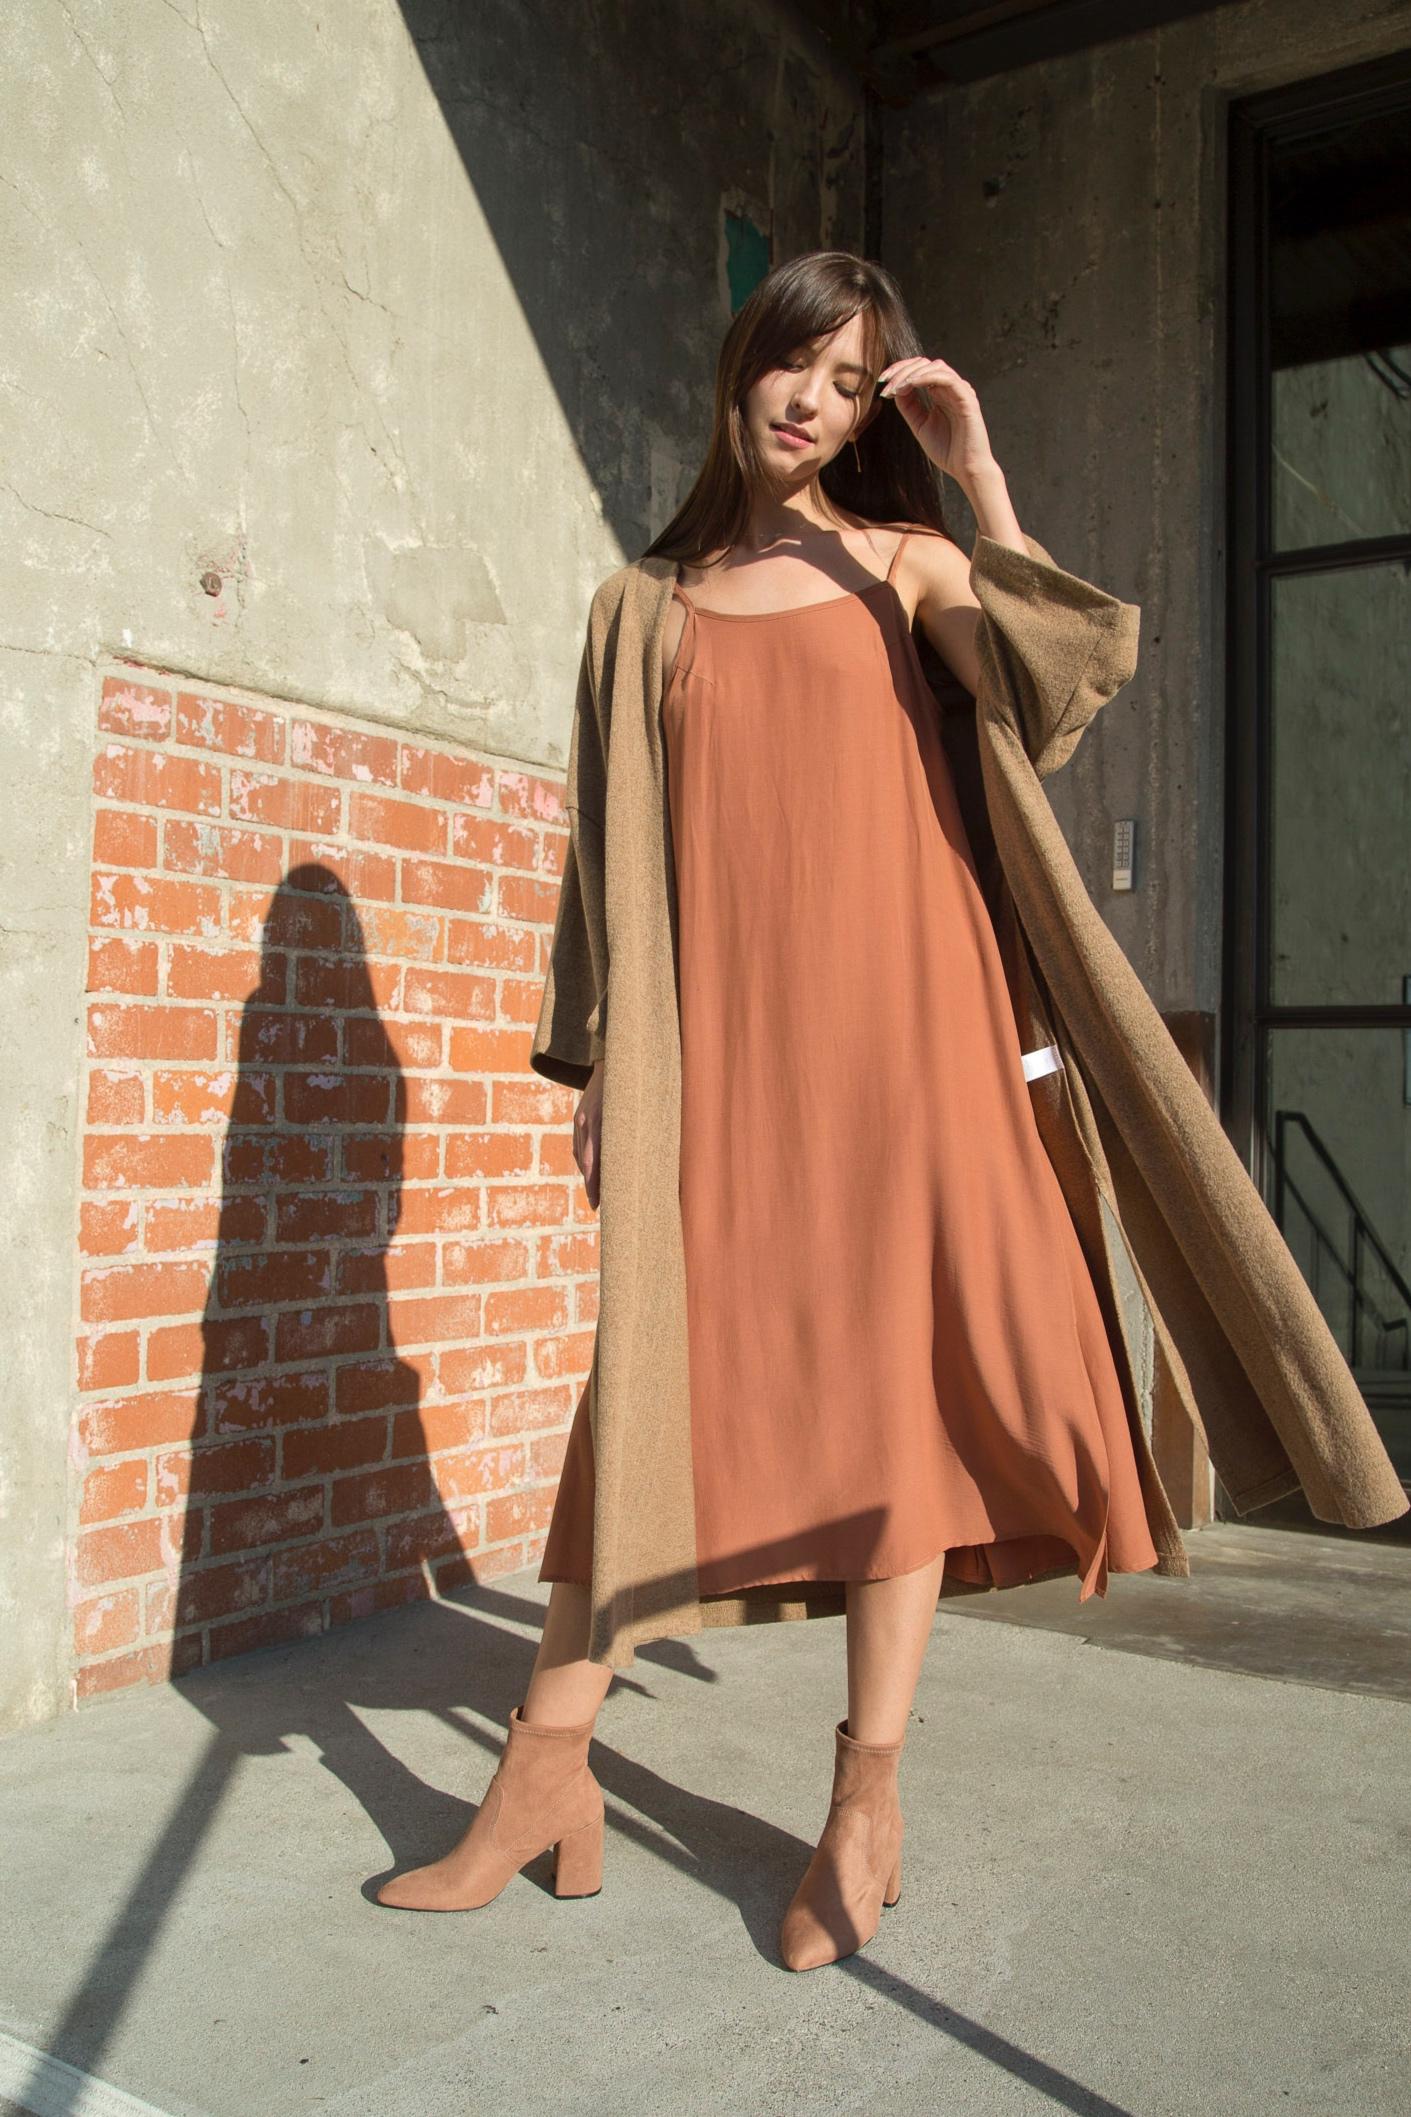 April_Staso_Photography_LosAngeles_Fashion_photographer_LA_Photographer_Los+Angeles_Photographer_LA_Fashion_Photography_Irenes_Story+%287+of+11%29.jpg